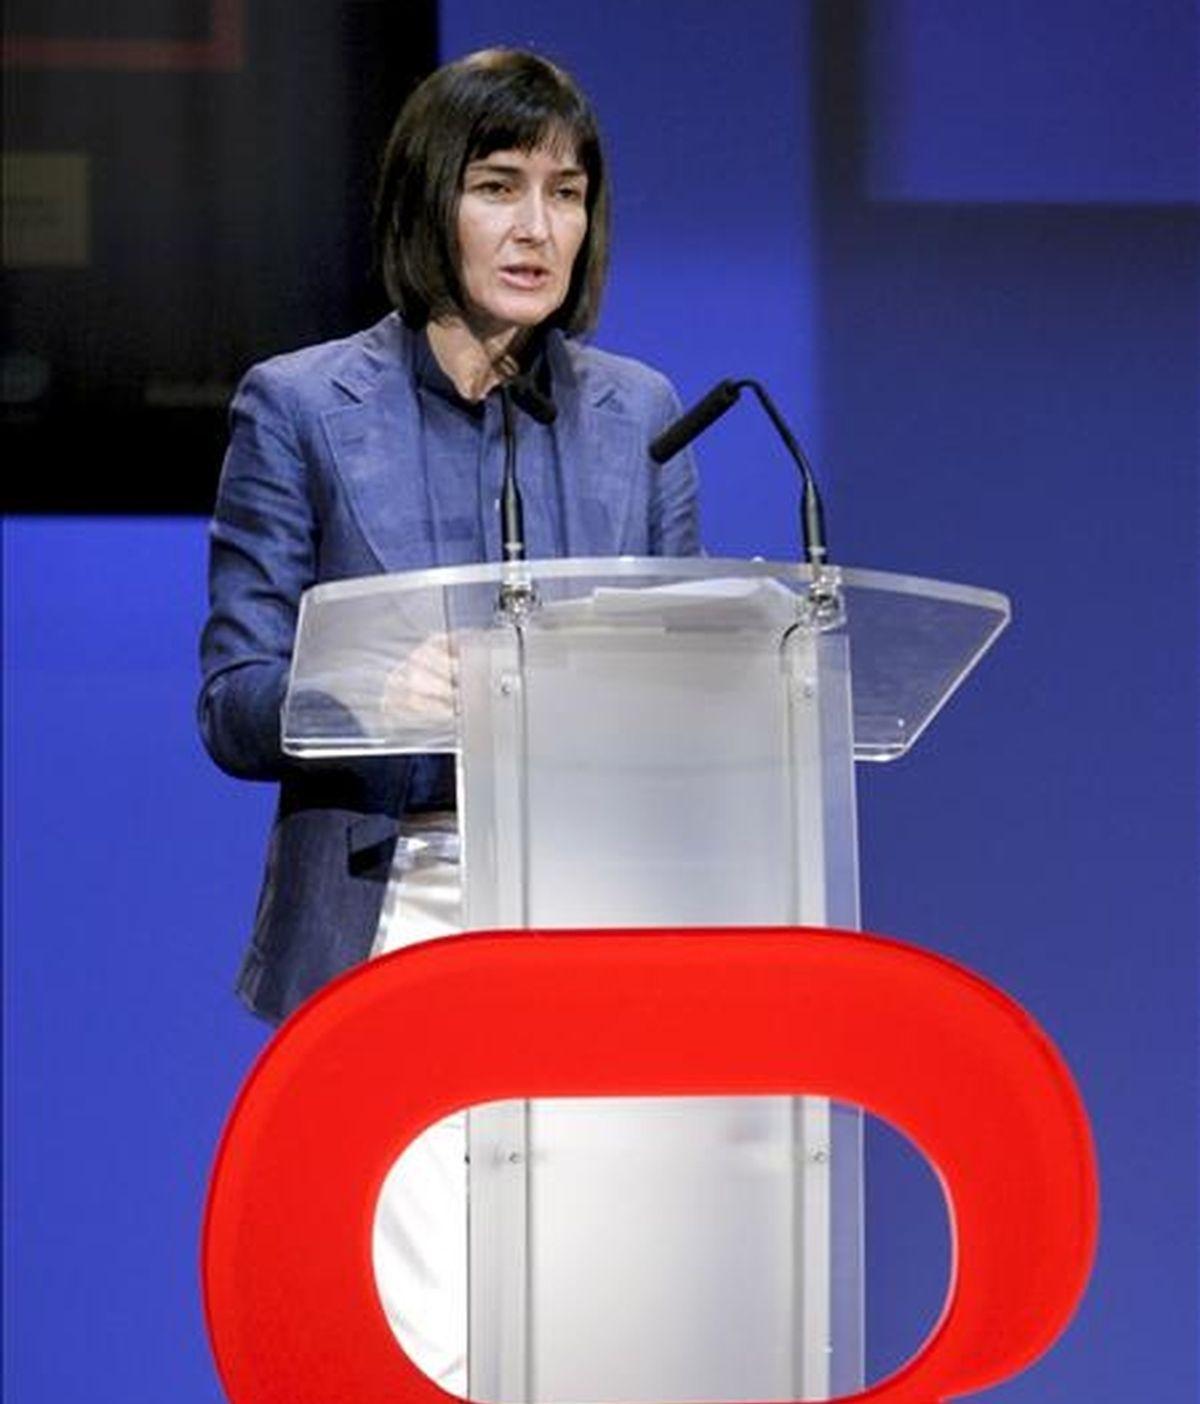 La ministra de Cultura, Ángeles González-Sinde, durante su intervención en la inauguración hoy en Gijón de la V Feria Internacional de Ocio Interactivo Gamelab 2009. EFE